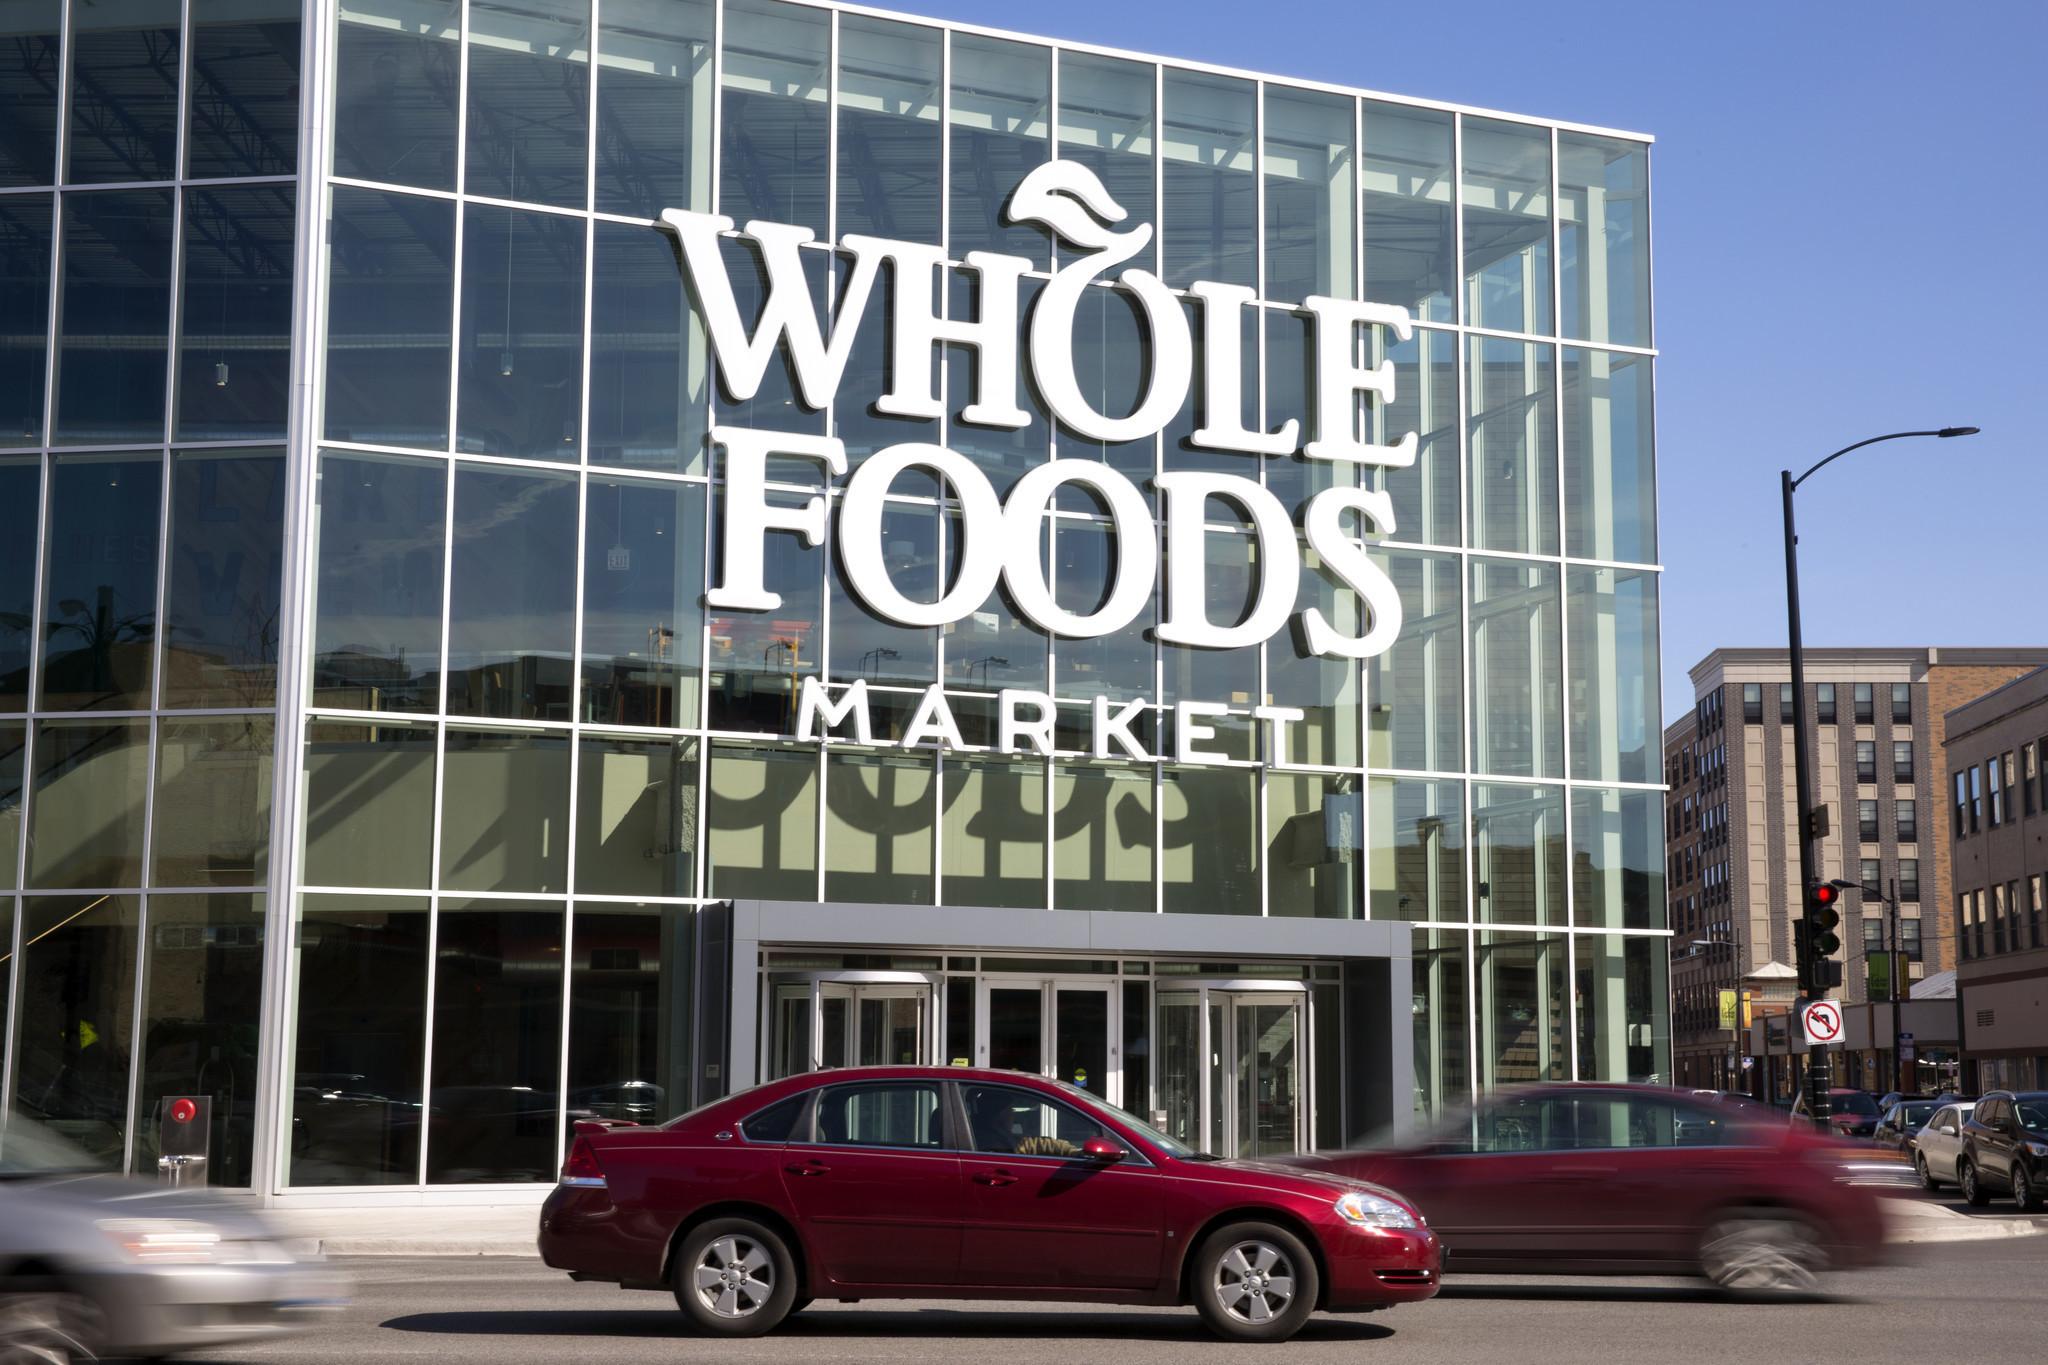 Ashland Whole Foods